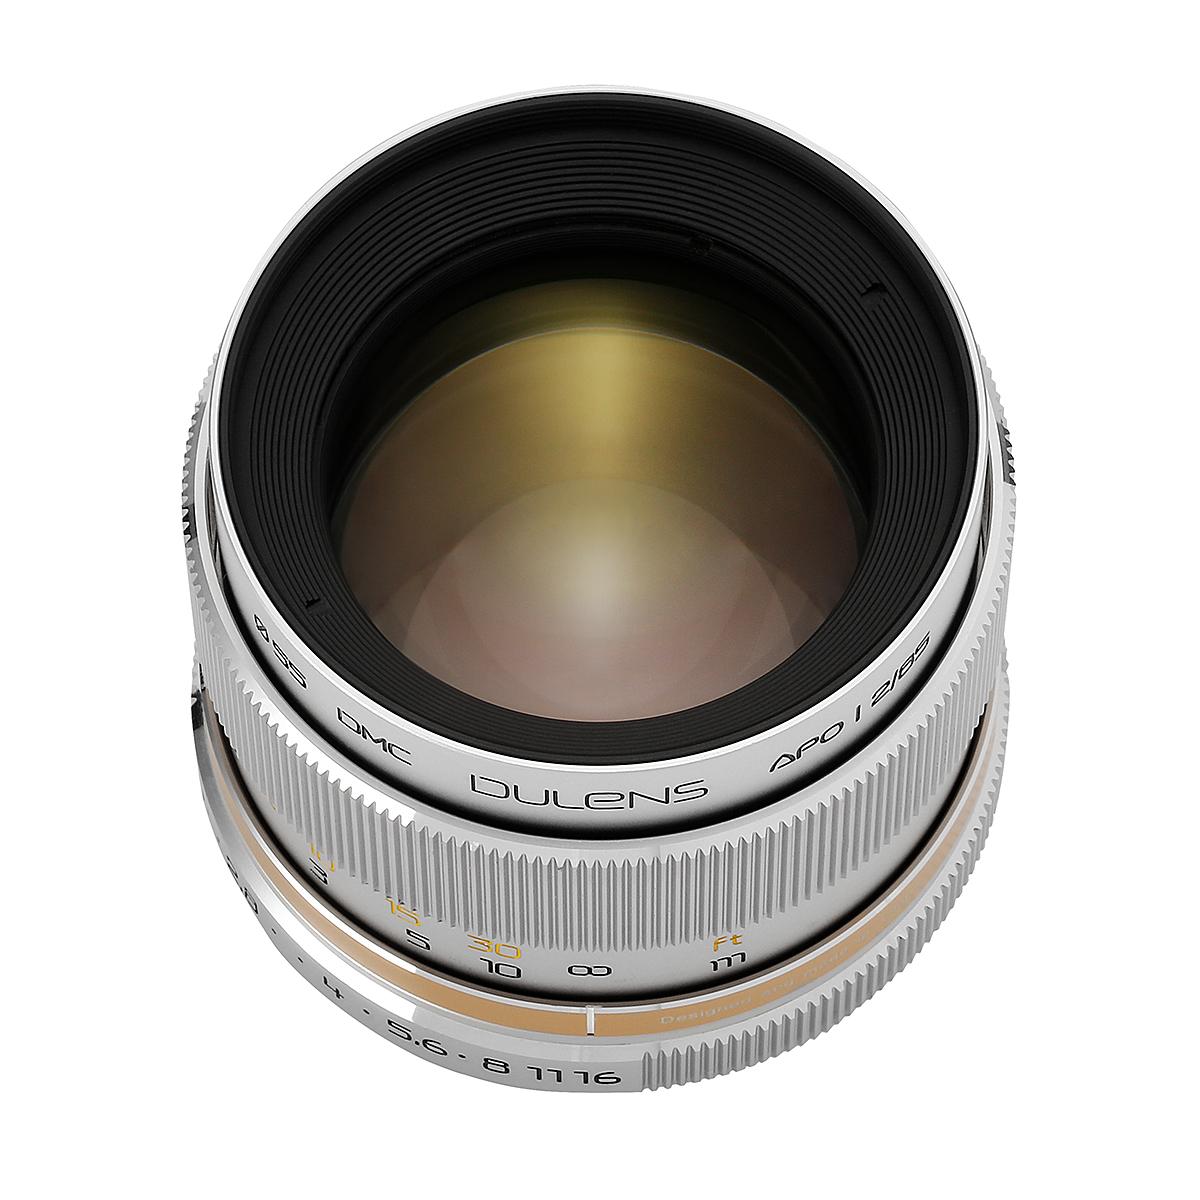 毒鏡 DULENS APO 85mm F2 単焦点レンズ シルバー